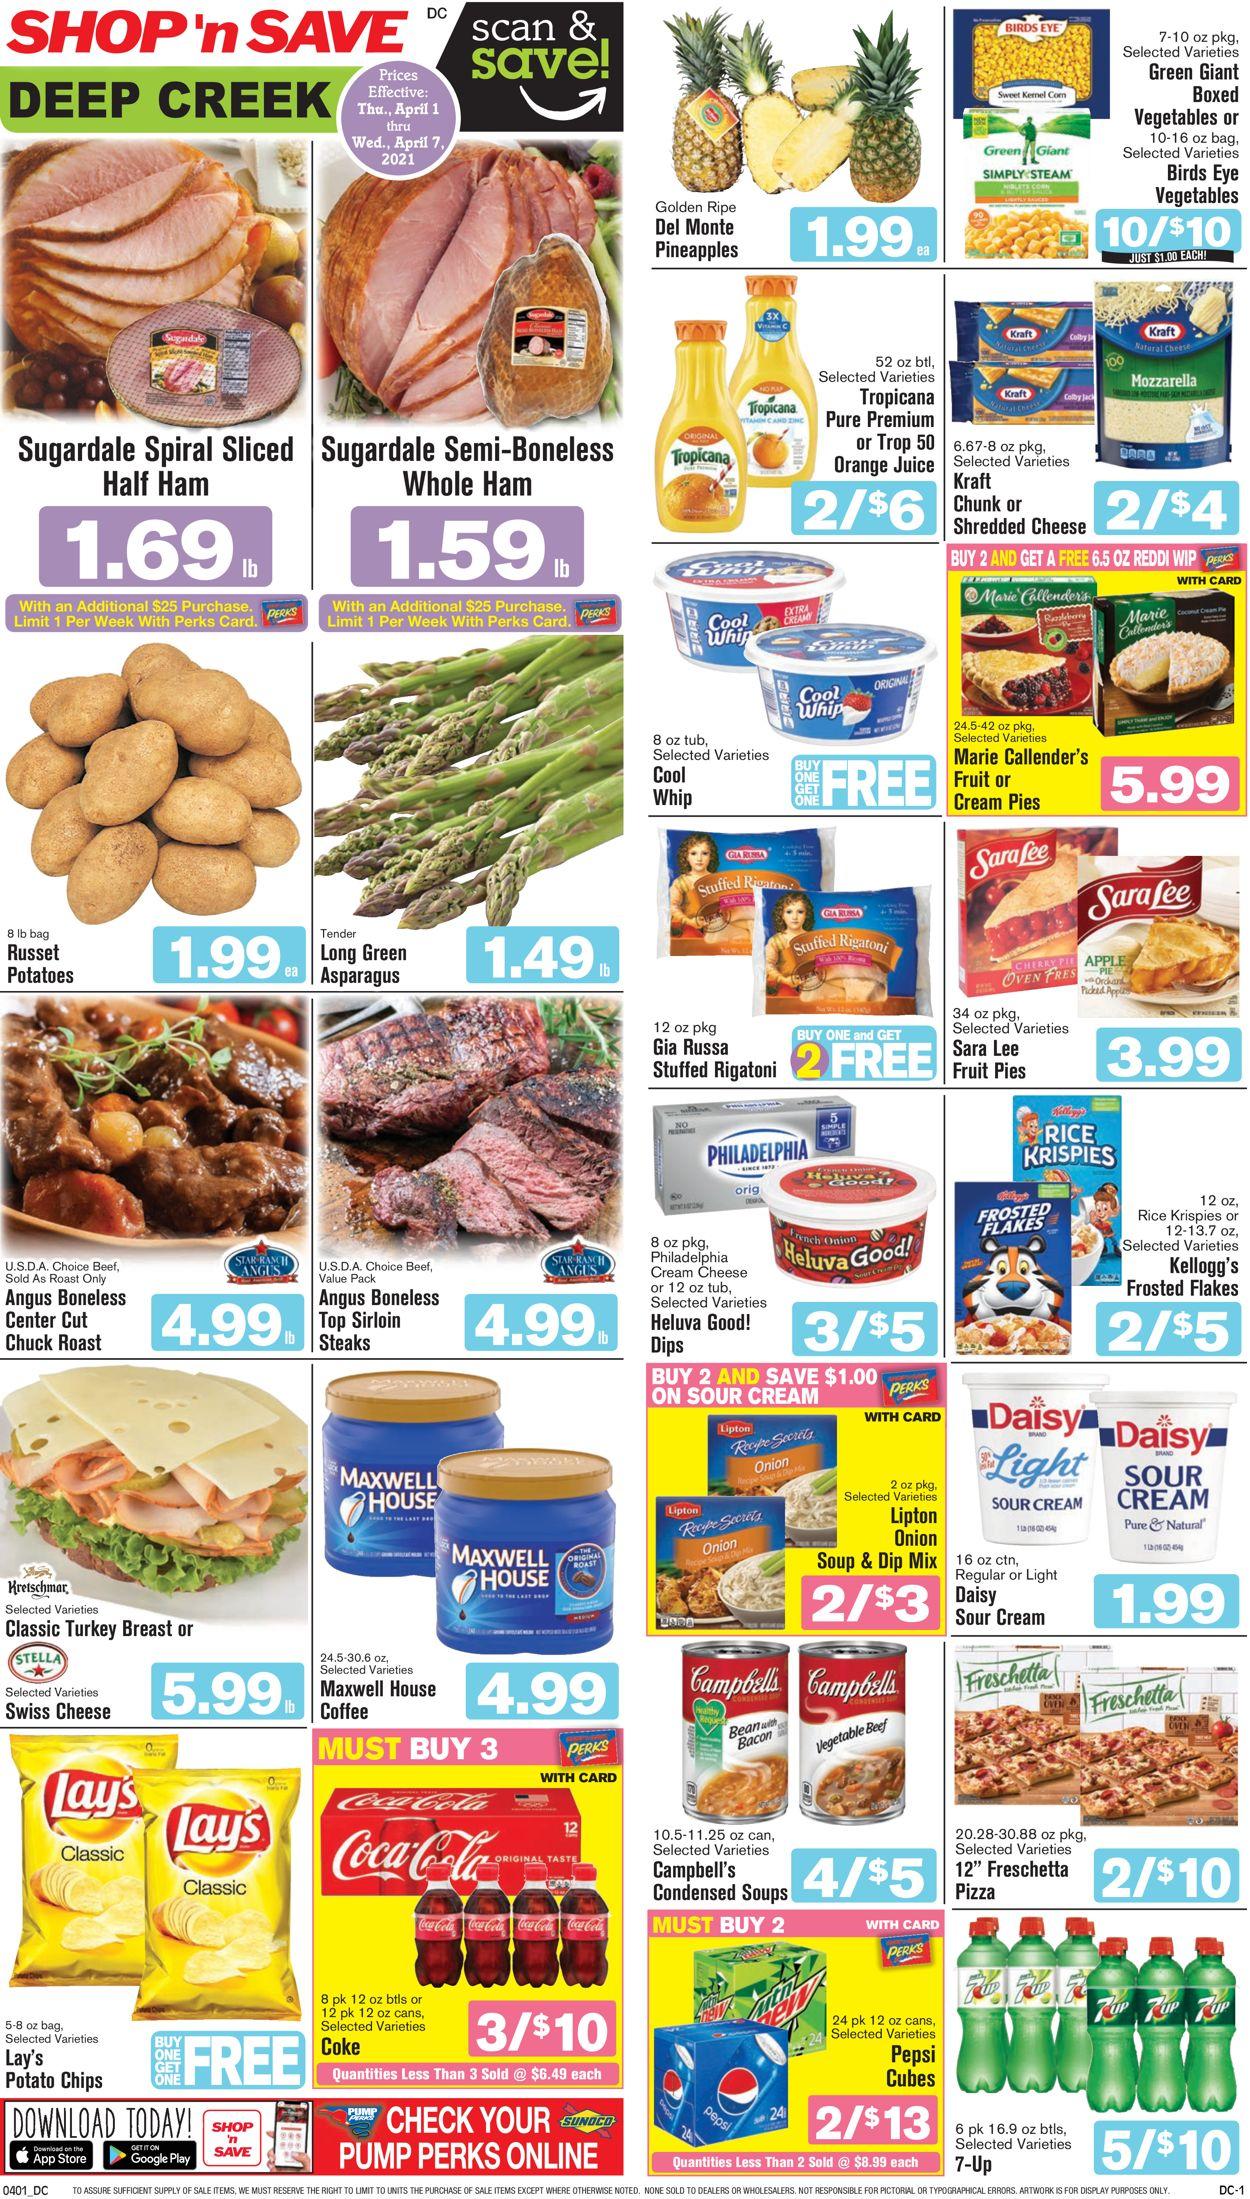 Shop 'n Save - Easter 2021 Weekly Ad Circular - valid 04/01-04/07/2021